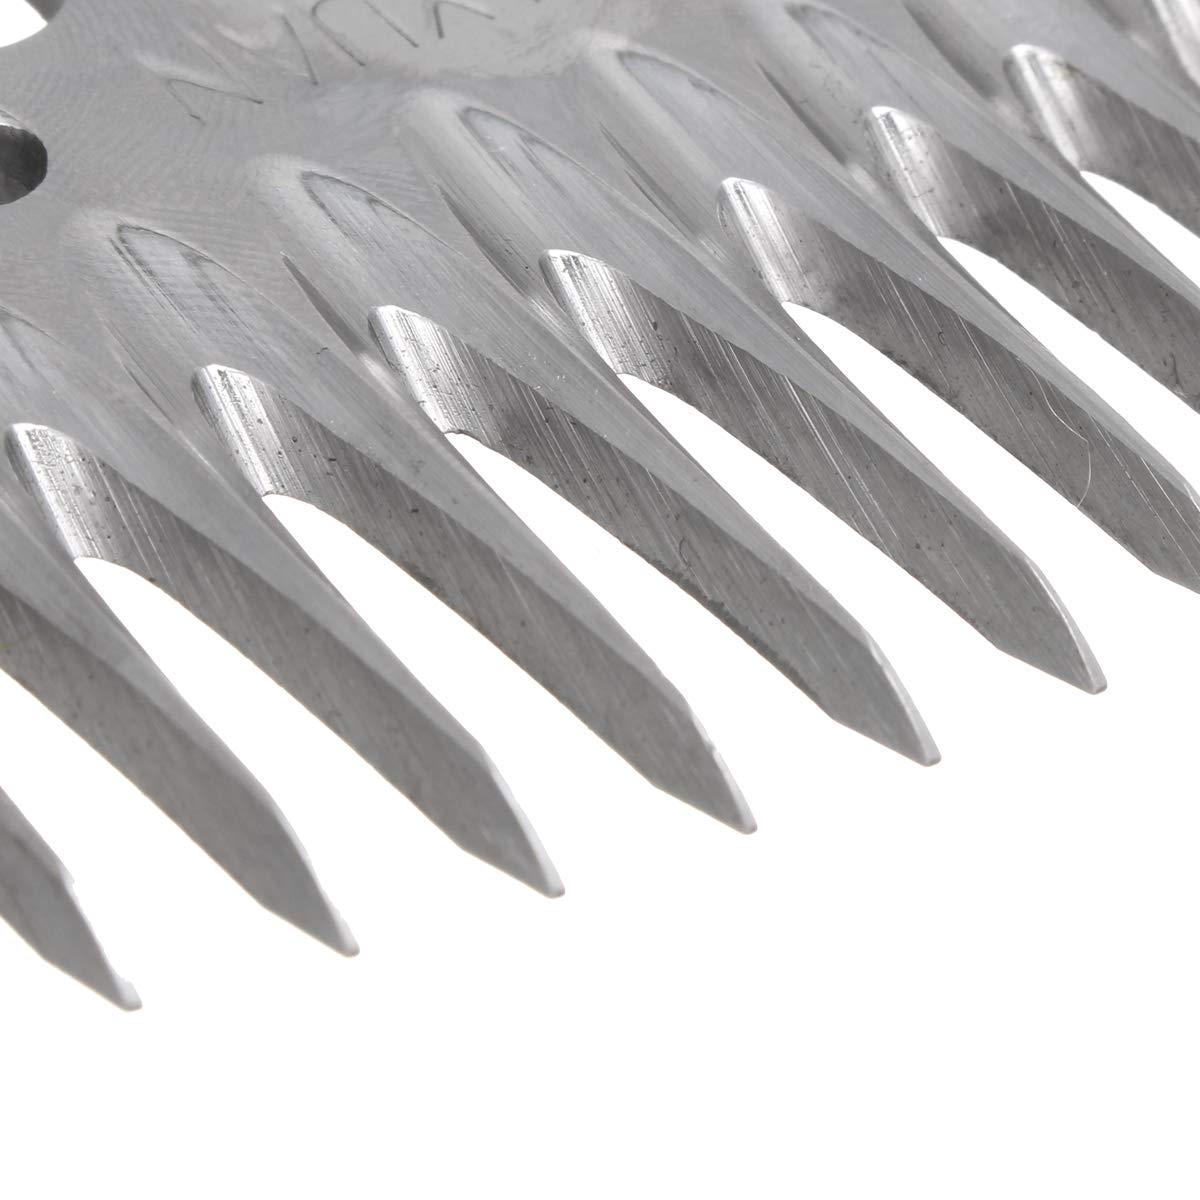 ChaRLes 15pcs 30 45 60 grados GCC corte plotter vinilo cortador cuchilla cuchilla cuchillacuchillacuchillas para cortador Roland: Amazon.es: Industria, empresas y ciencia